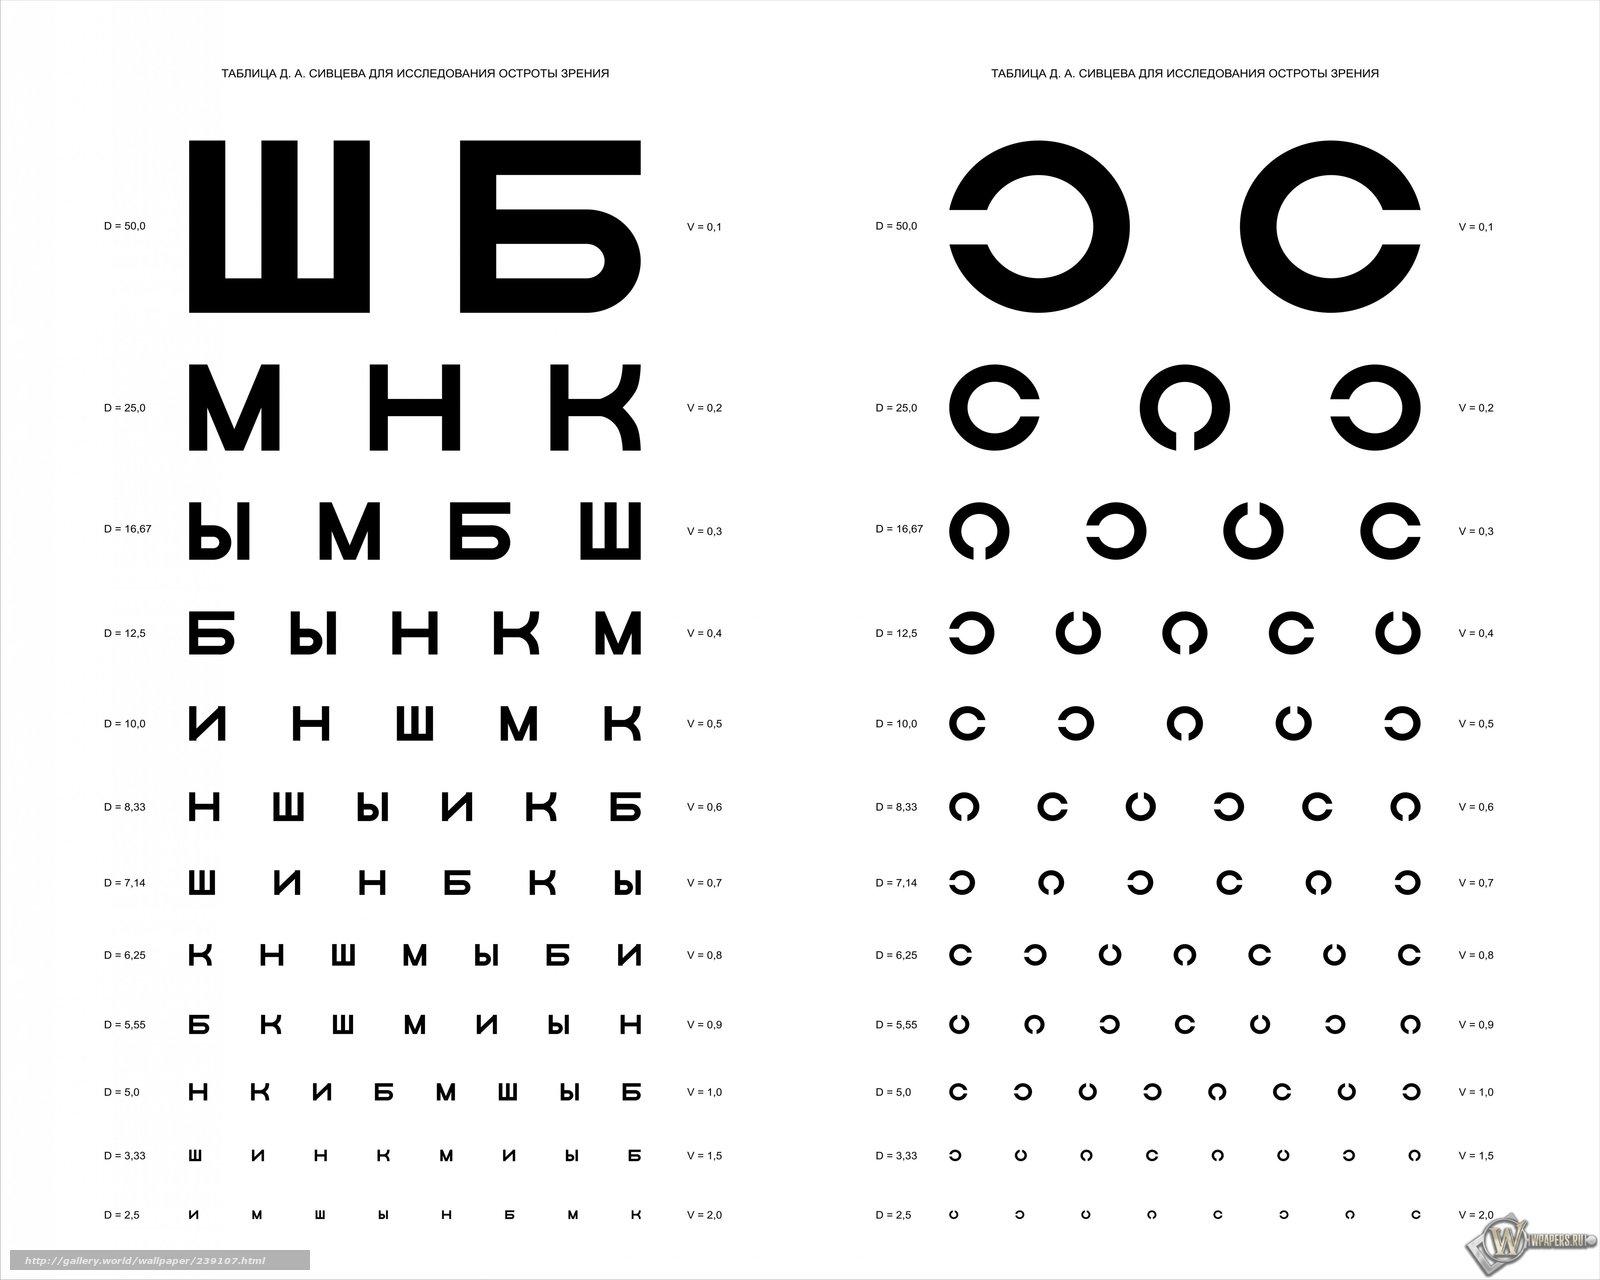 Descargar gratis Tabla D. Sivtseva, examen de la vista